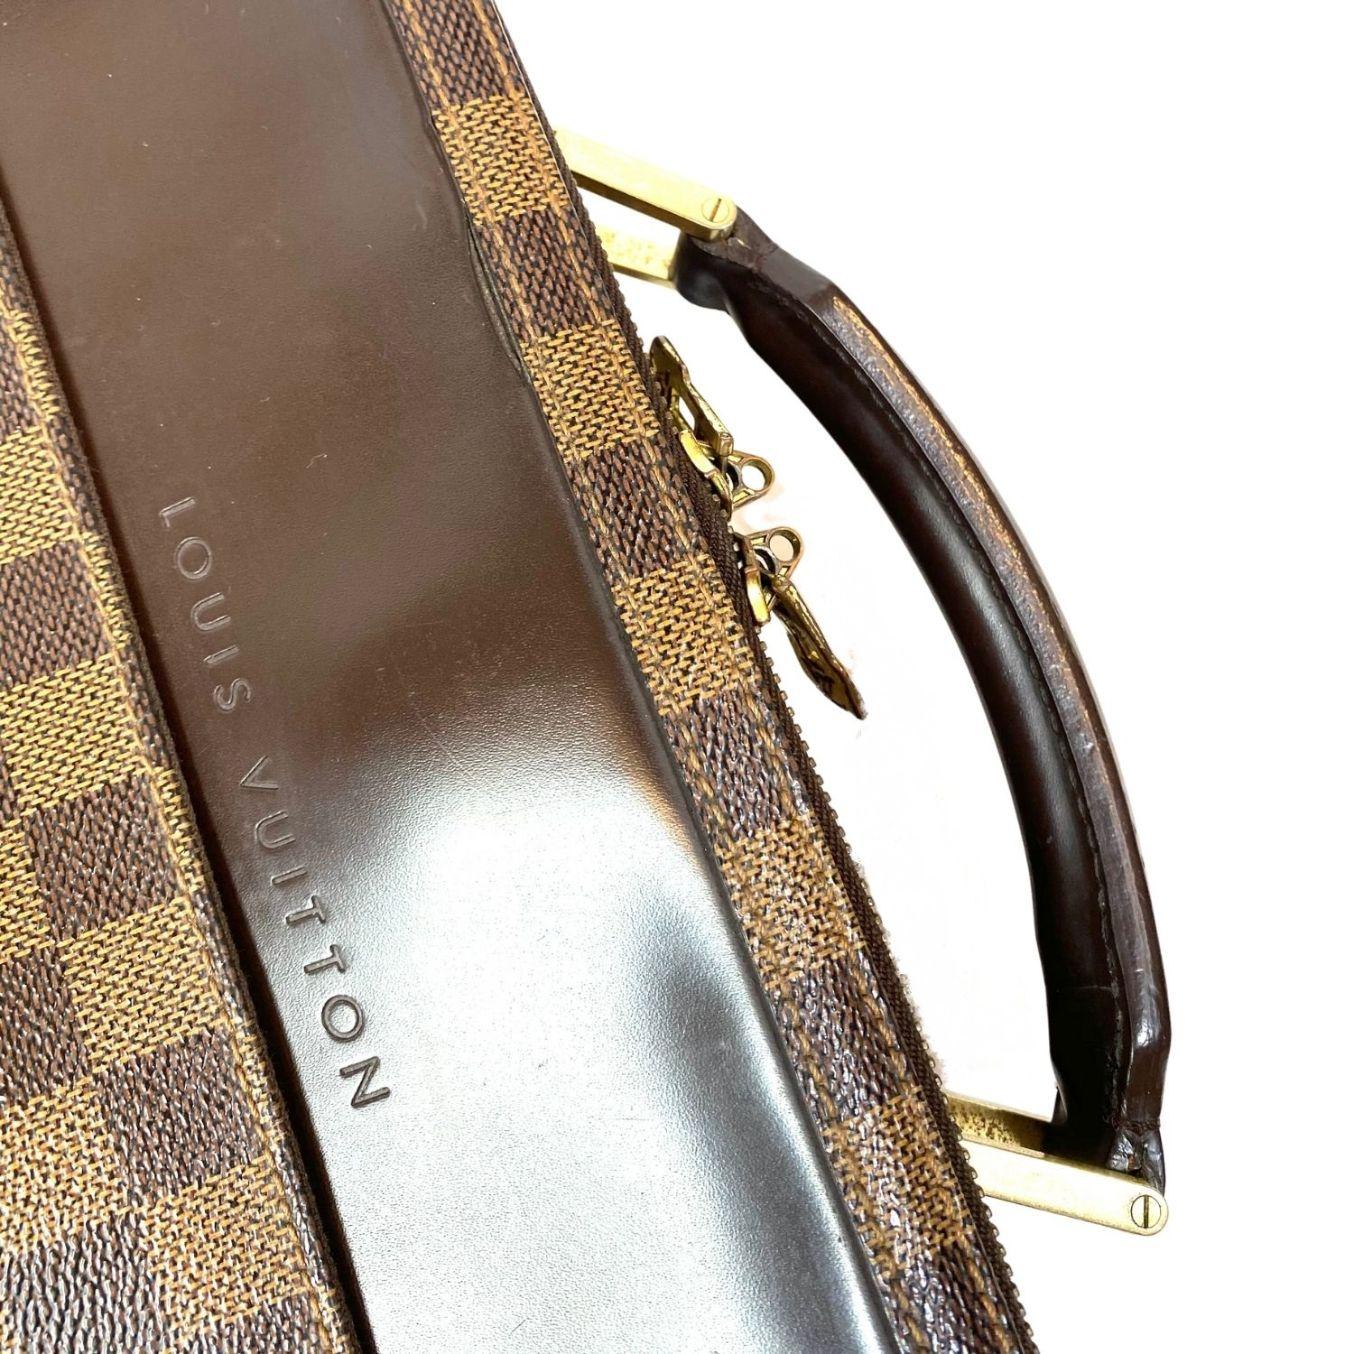 Bolsa Louis Vuitton Porte Ordinateur Sabana Damier Ébène